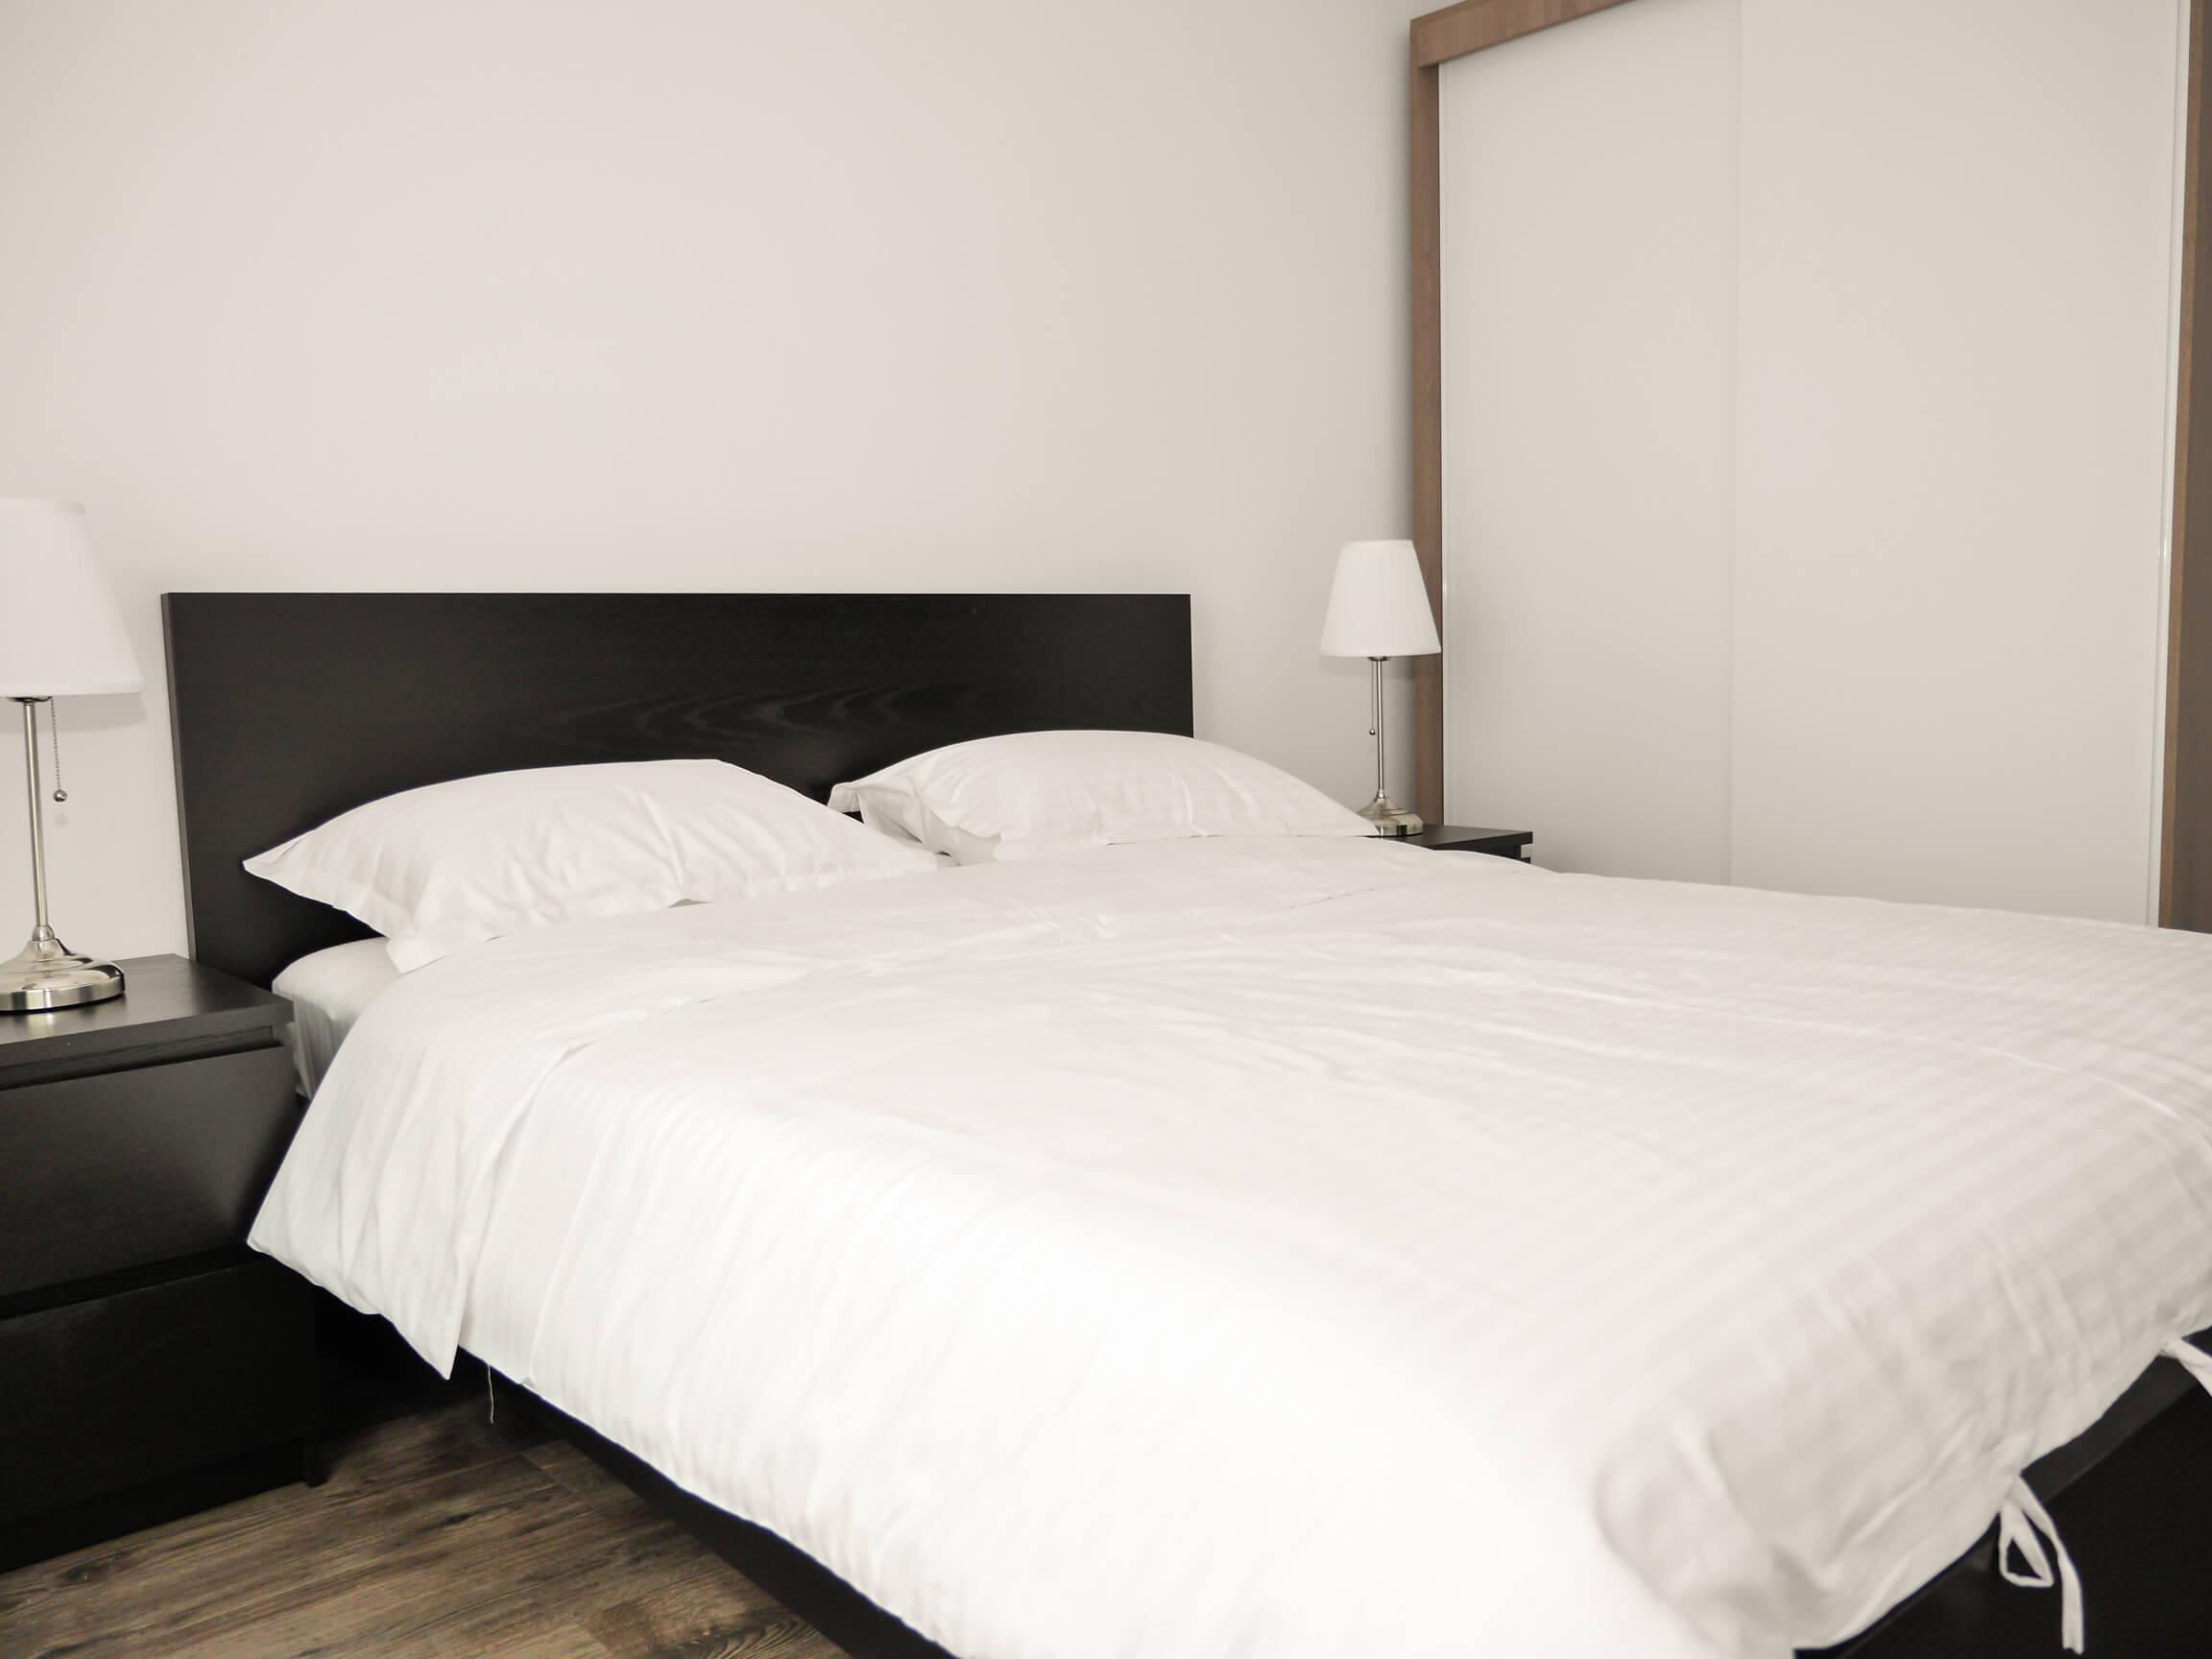 Clement Apartments - apartamente de inchiriat in regim hotelier - cazare neamt - cazare piatra neamt - apartament 8 (5)